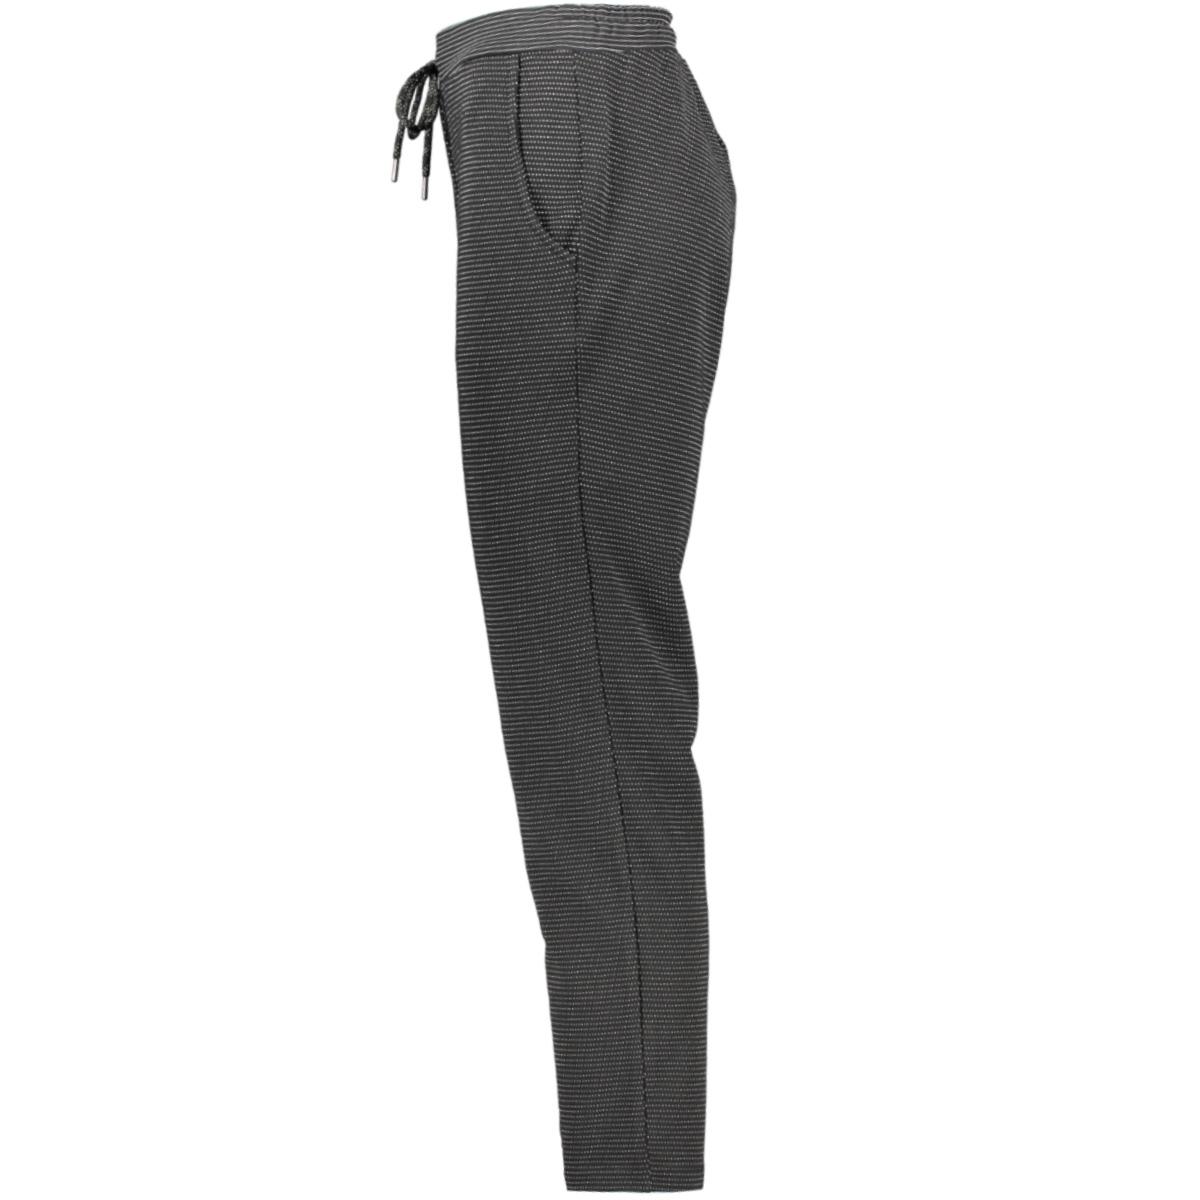 enkelbroek met stippen 1015515xx70 tom tailor broek 20742